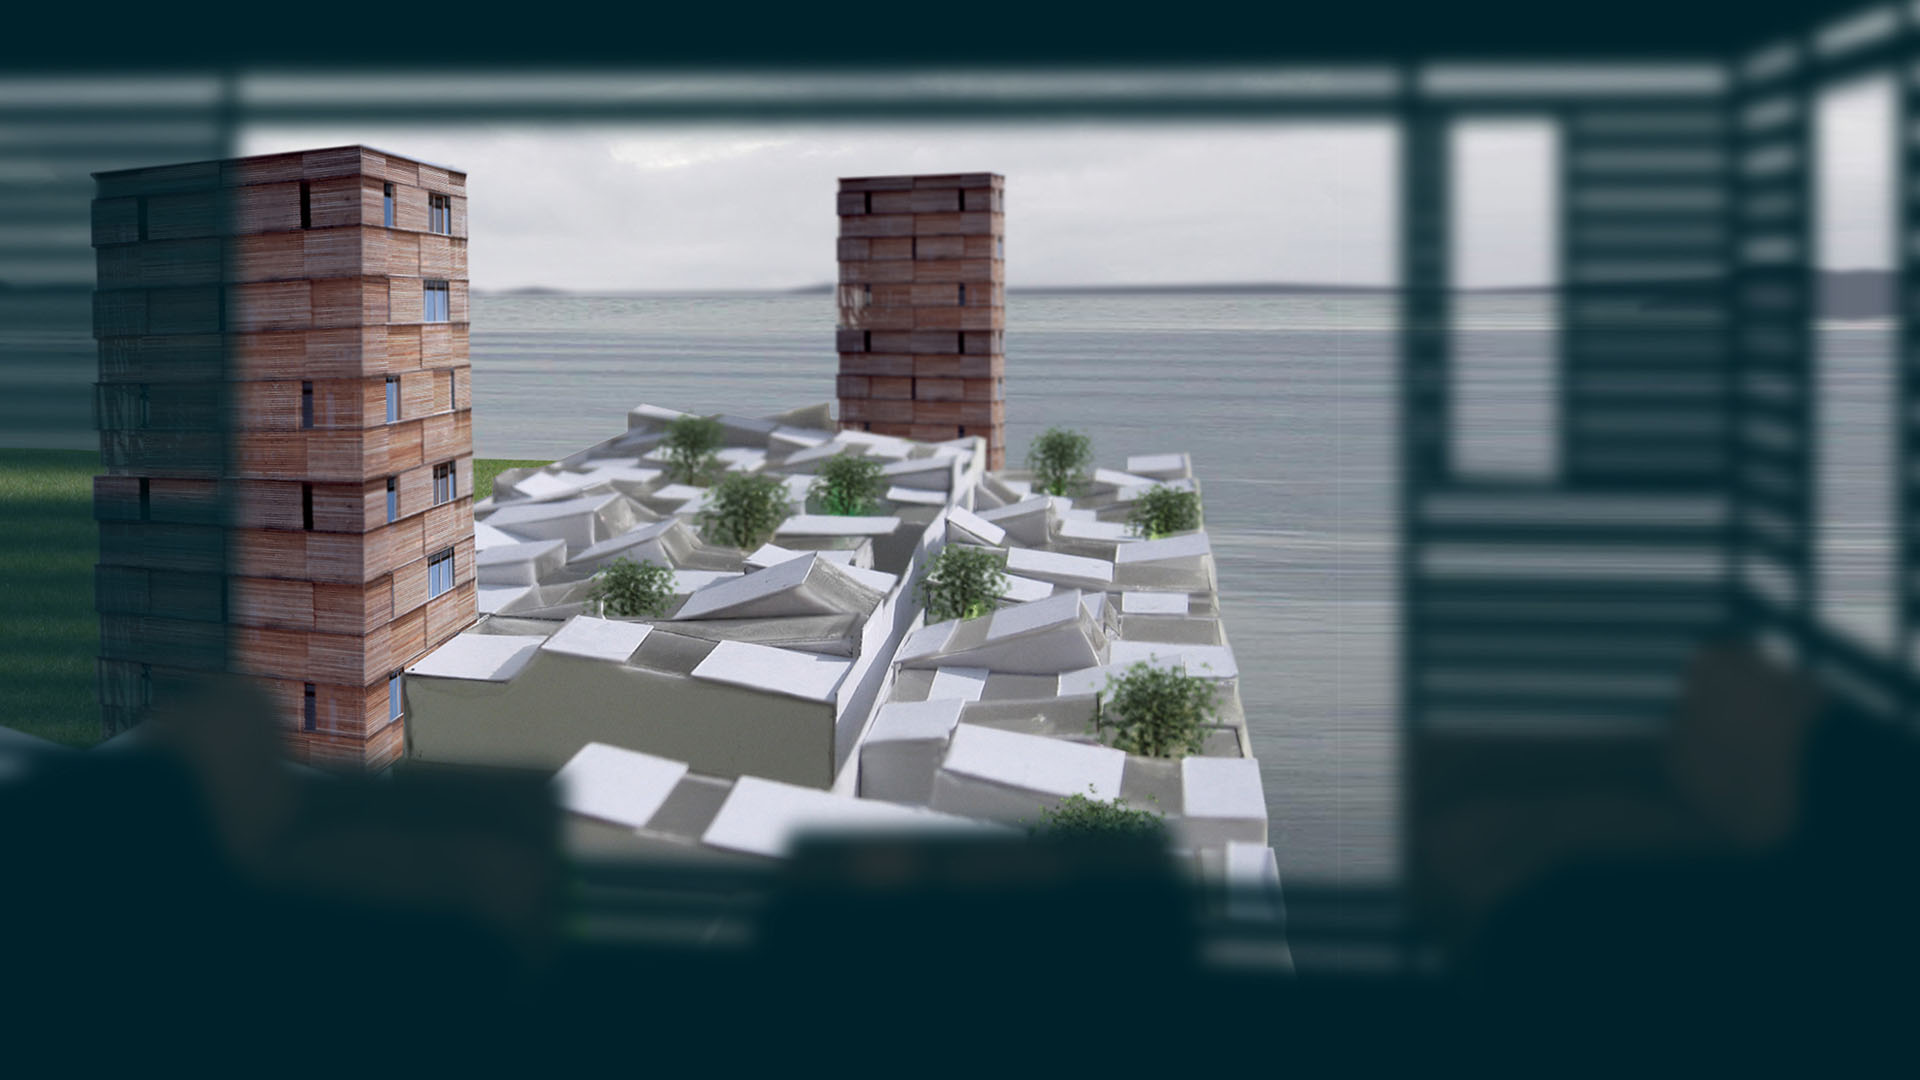 03_PLAYstudio-stavanger-lervig-housing_europan-winne